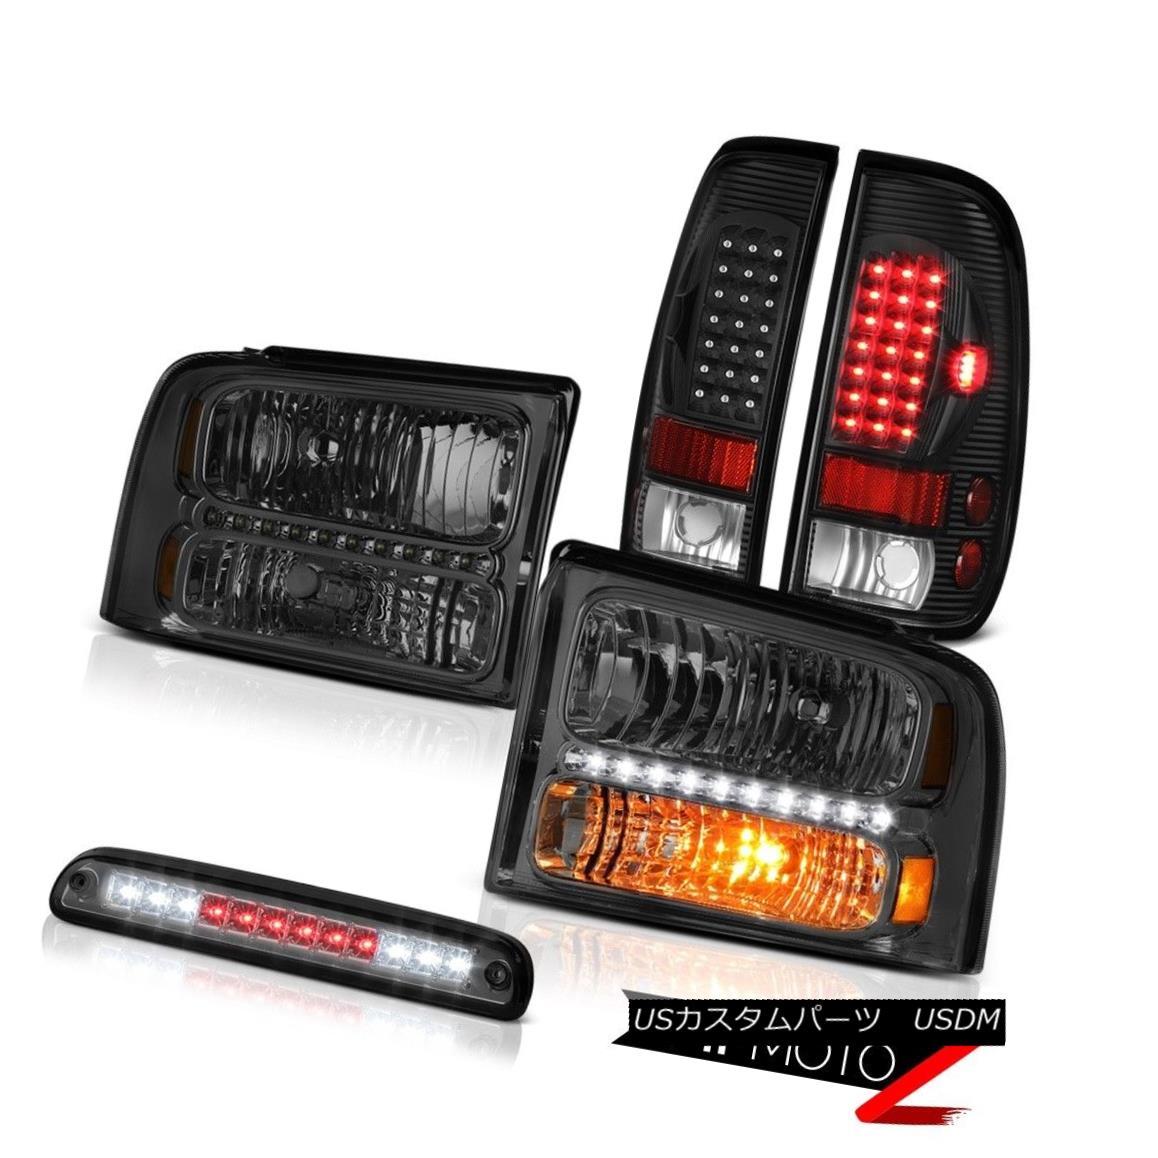 テールライト 2005 06 07 F350 Amarillo Tinted Headlights Black LED Tail Lights 3rd Brake Smoke 2005 06 07 F350アマリロティンテッドヘッドライトブラックLEDテールライト3rdブレーキスモーク